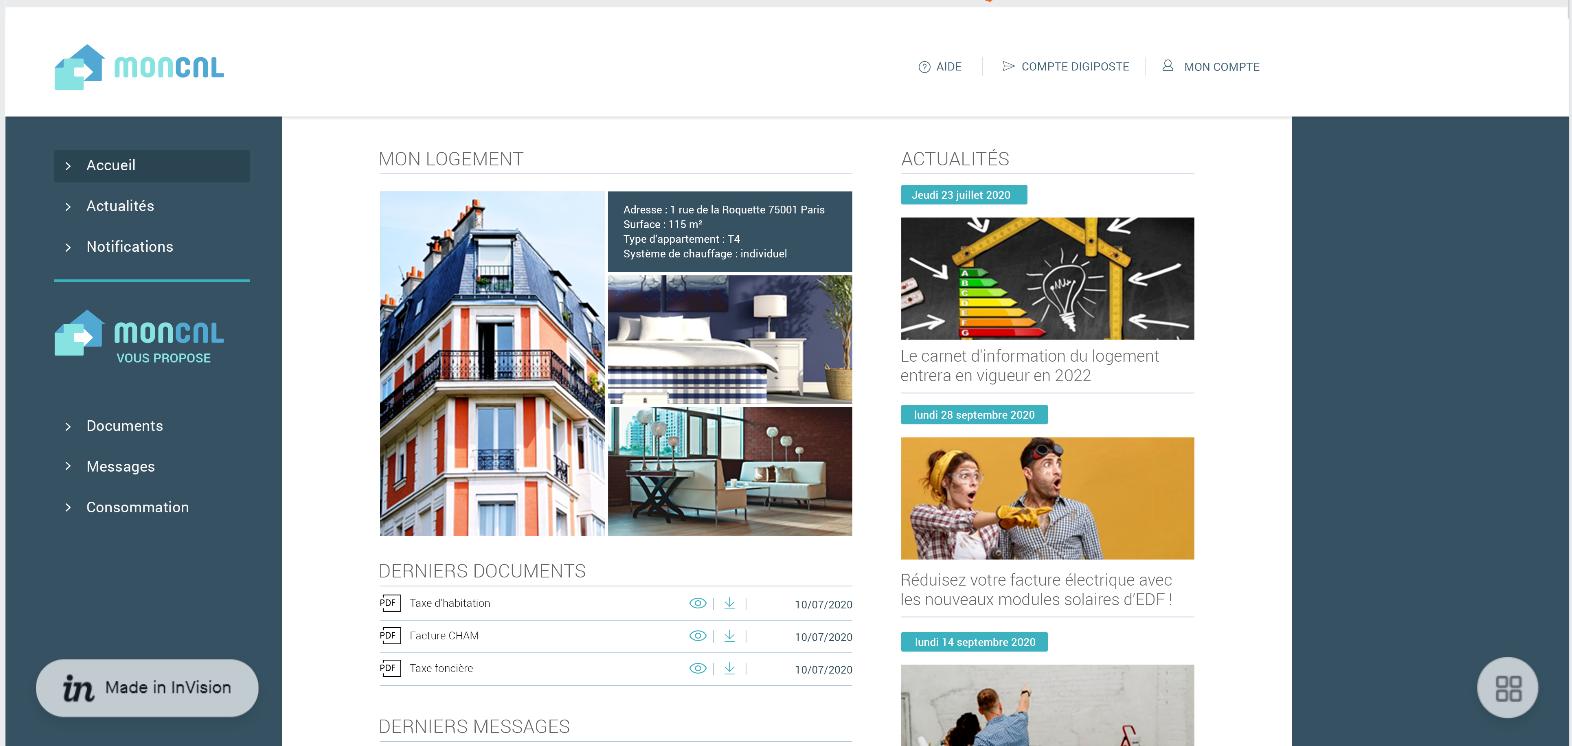 Carnet numérique pour le logement : qu'attendent les utilisateurs ?